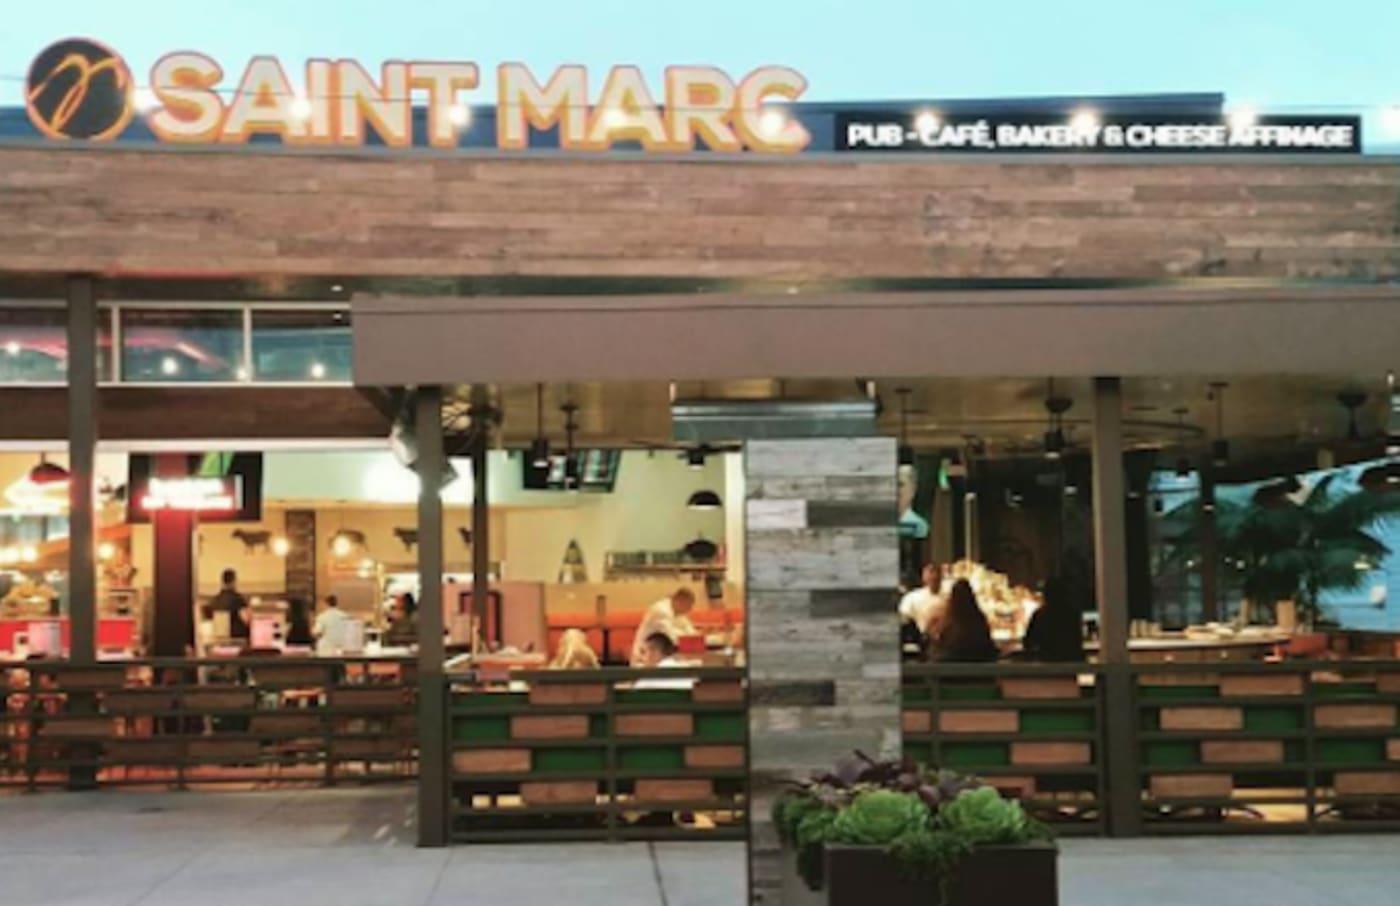 Picture of Saint Marc restaurant in California.